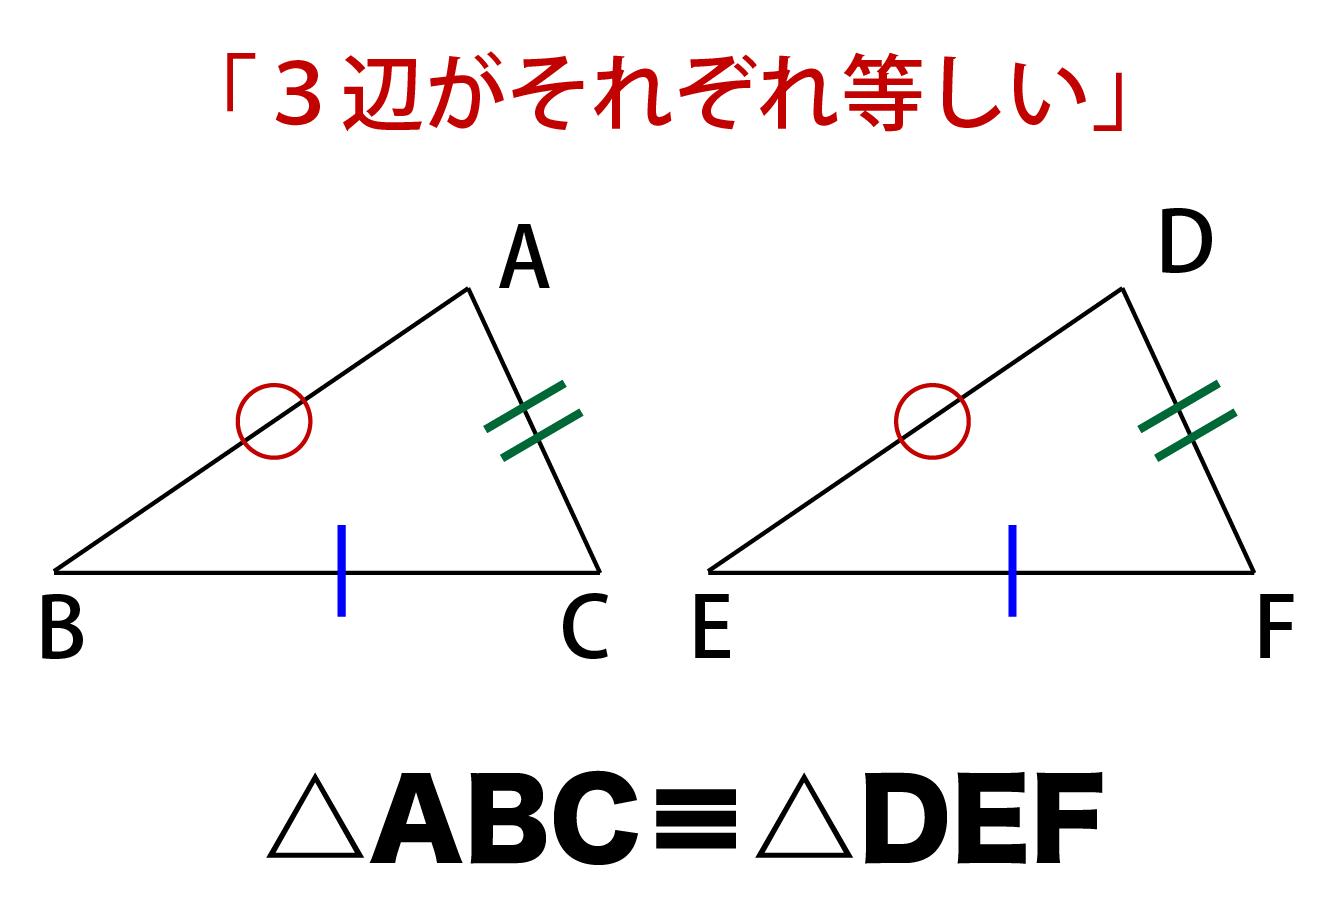 3辺がそれぞれ等しい